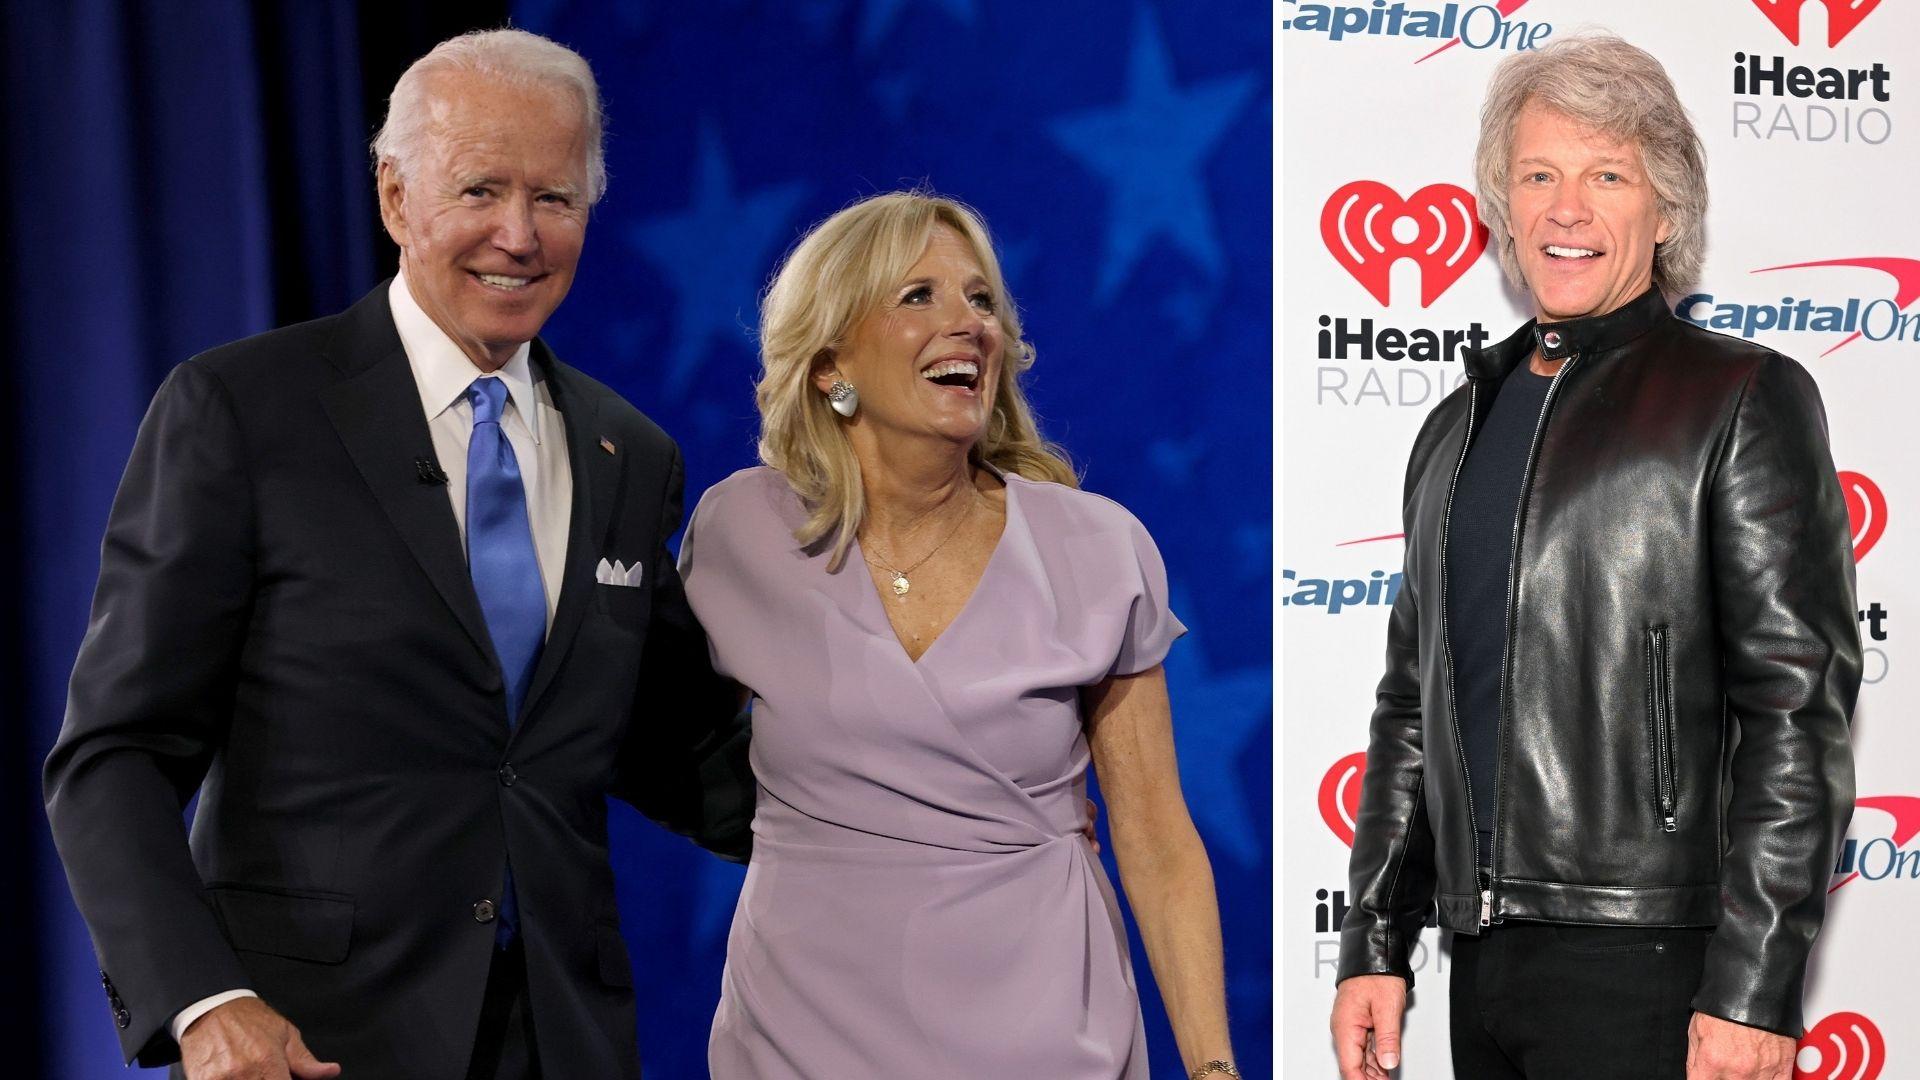 Joe and Jill Biden and Jon Bon Jovi